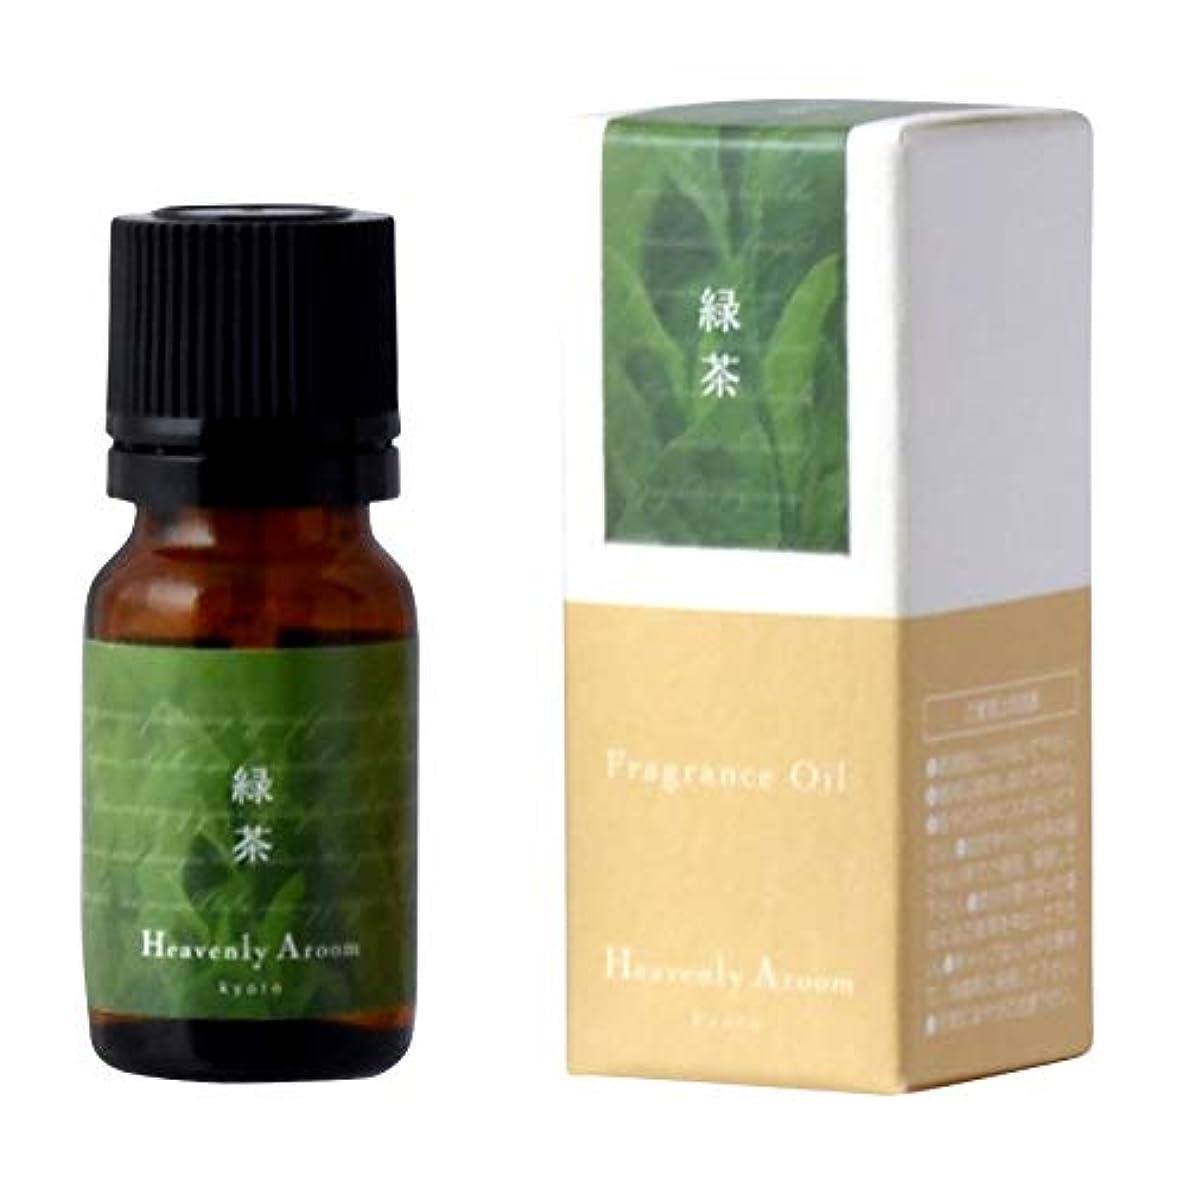 サラダ分岐する機構Heavenly Aroom フレグランスオイル 緑茶 10ml